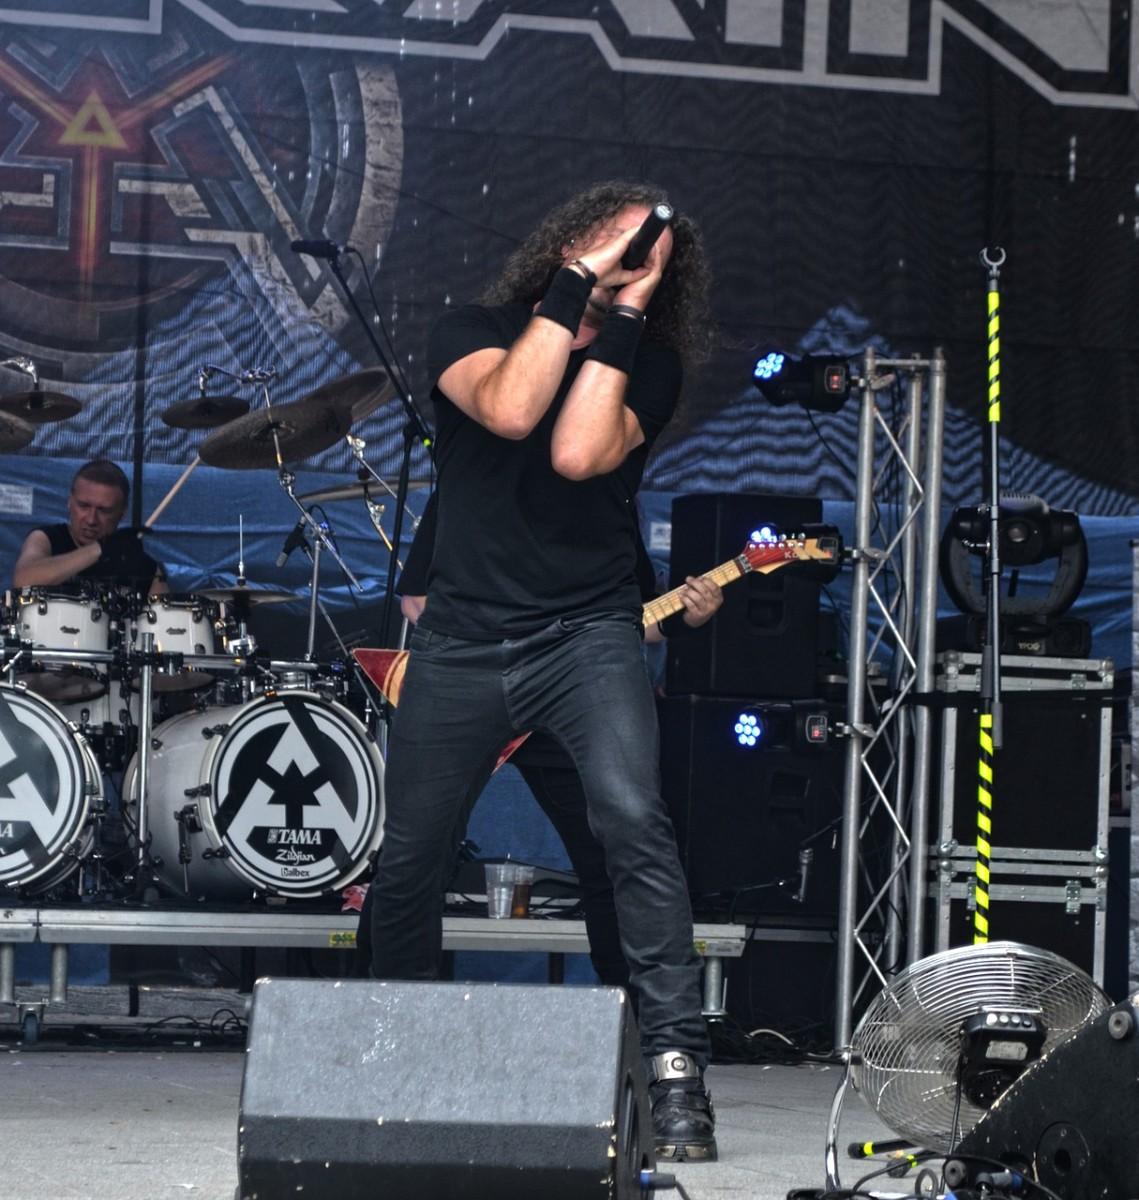 Heavy Metal Concerts